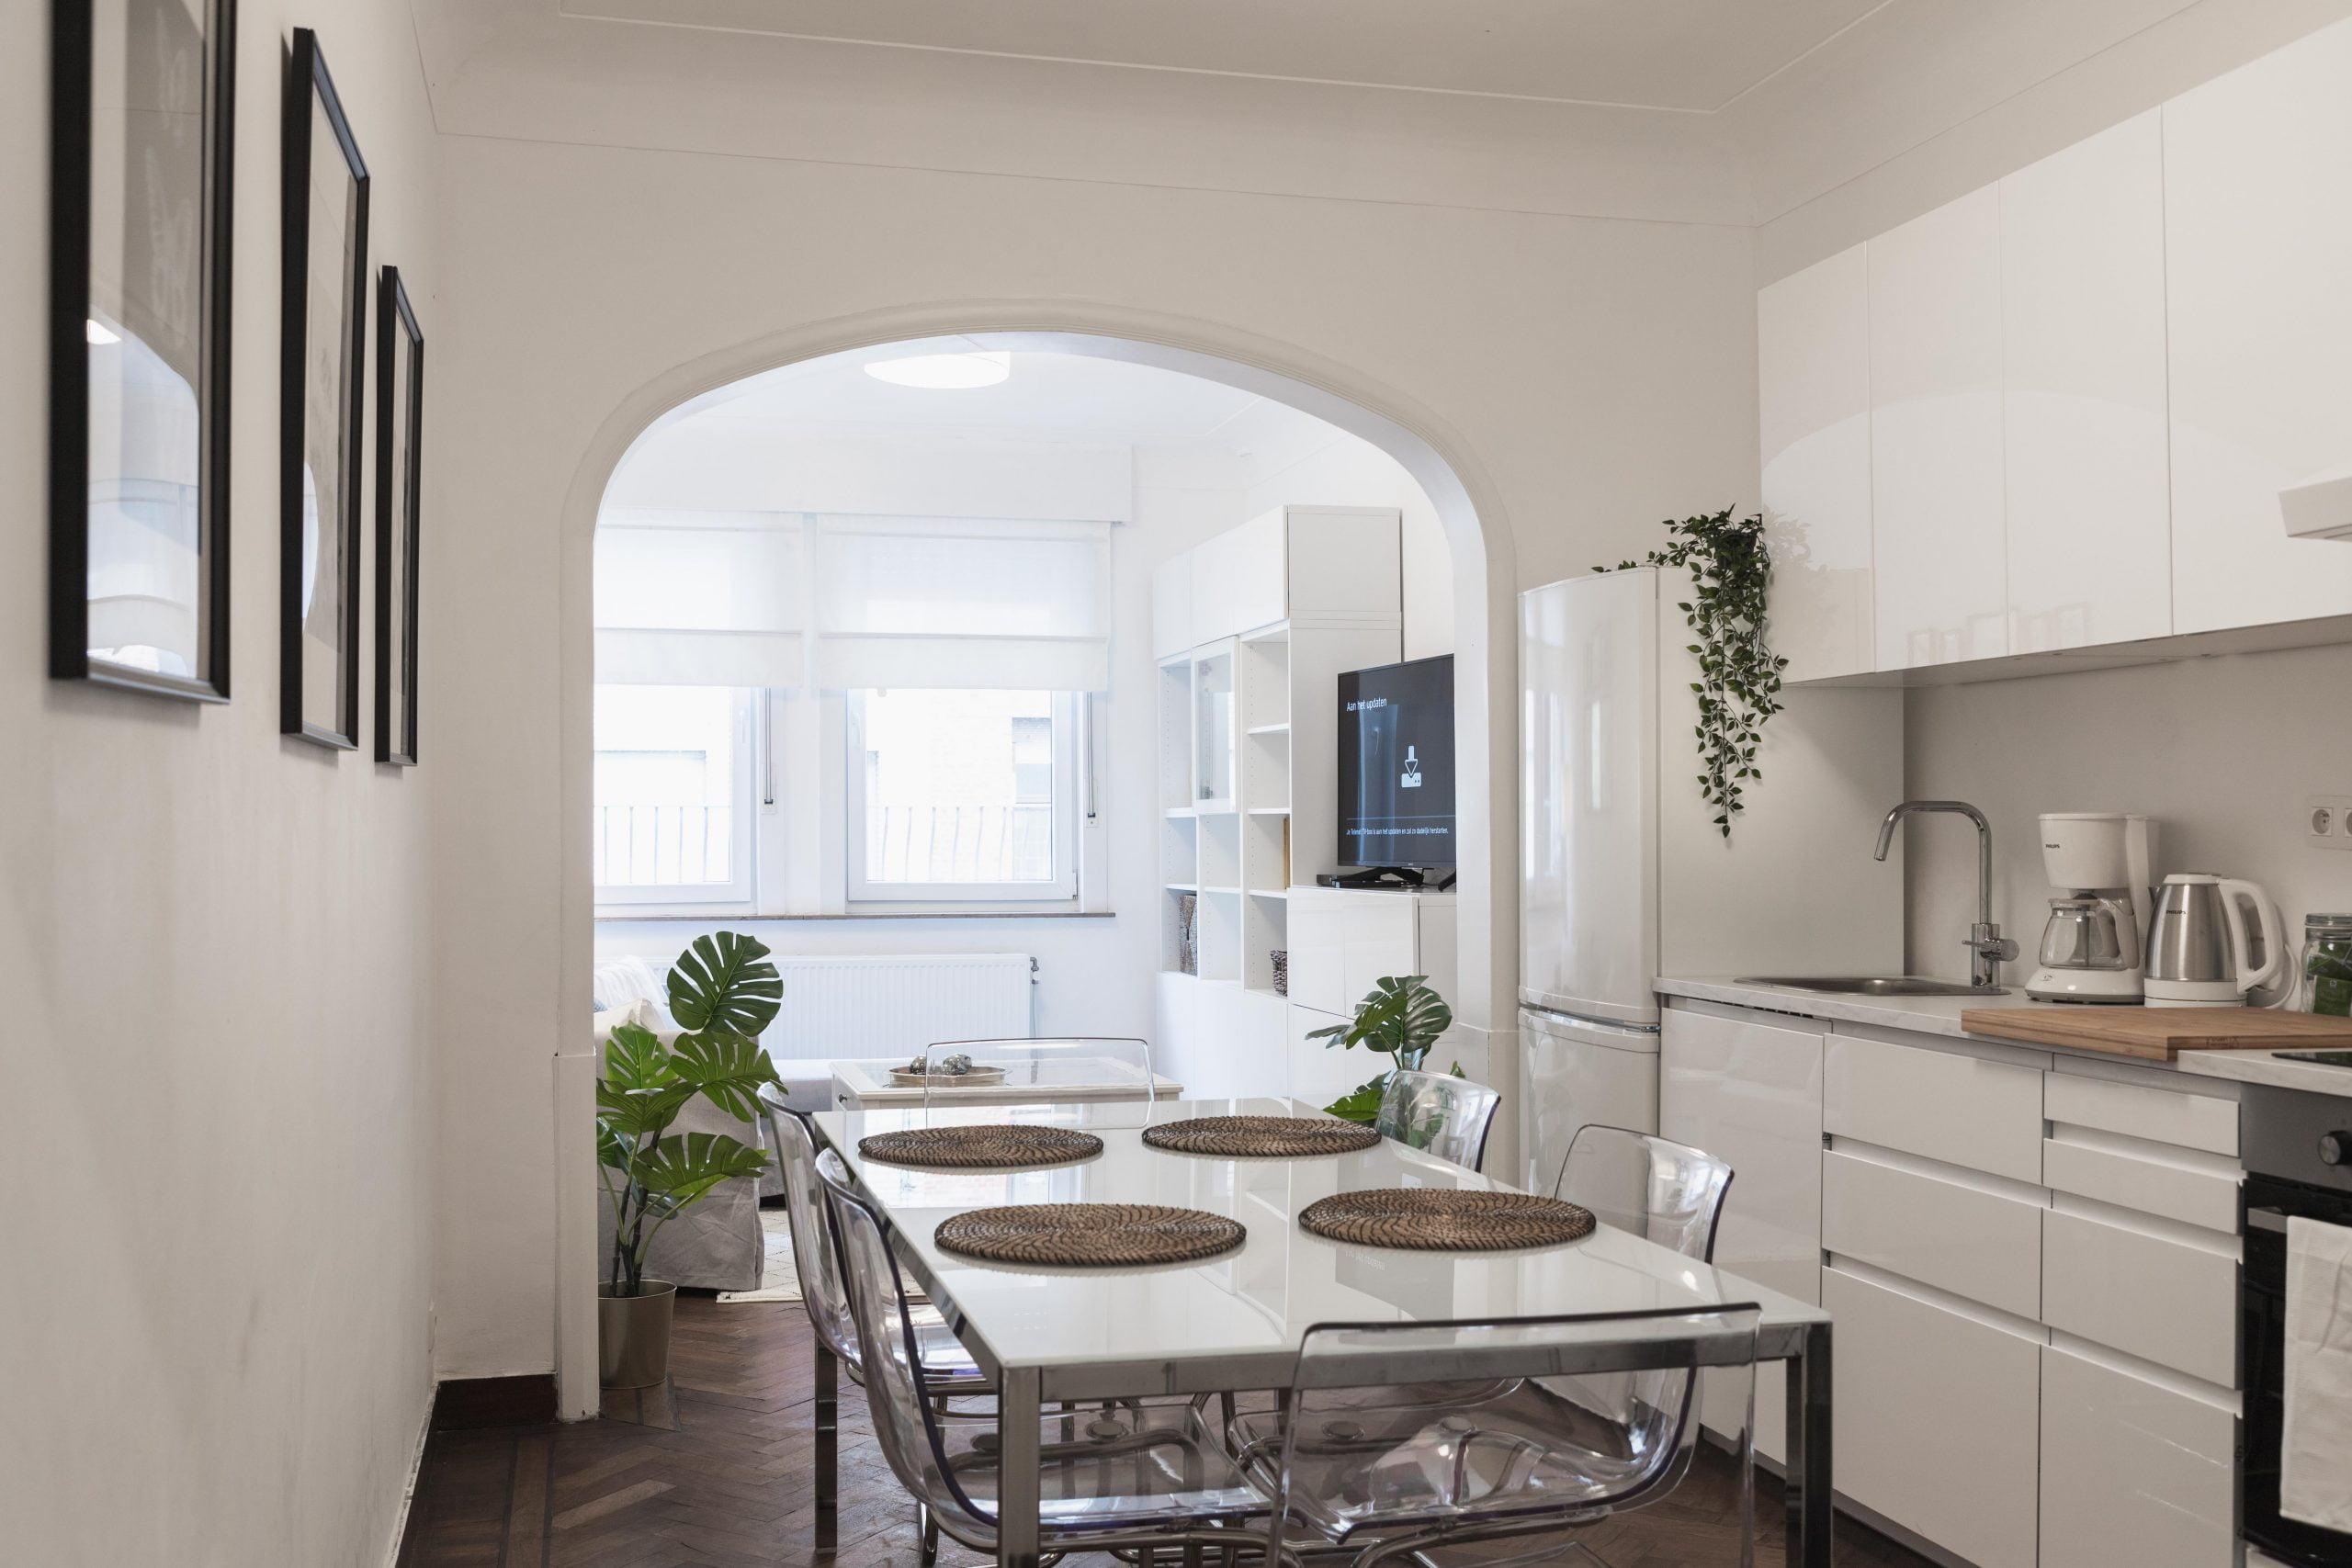 Korte Leem 2 - Furnished expat home in Antwerp